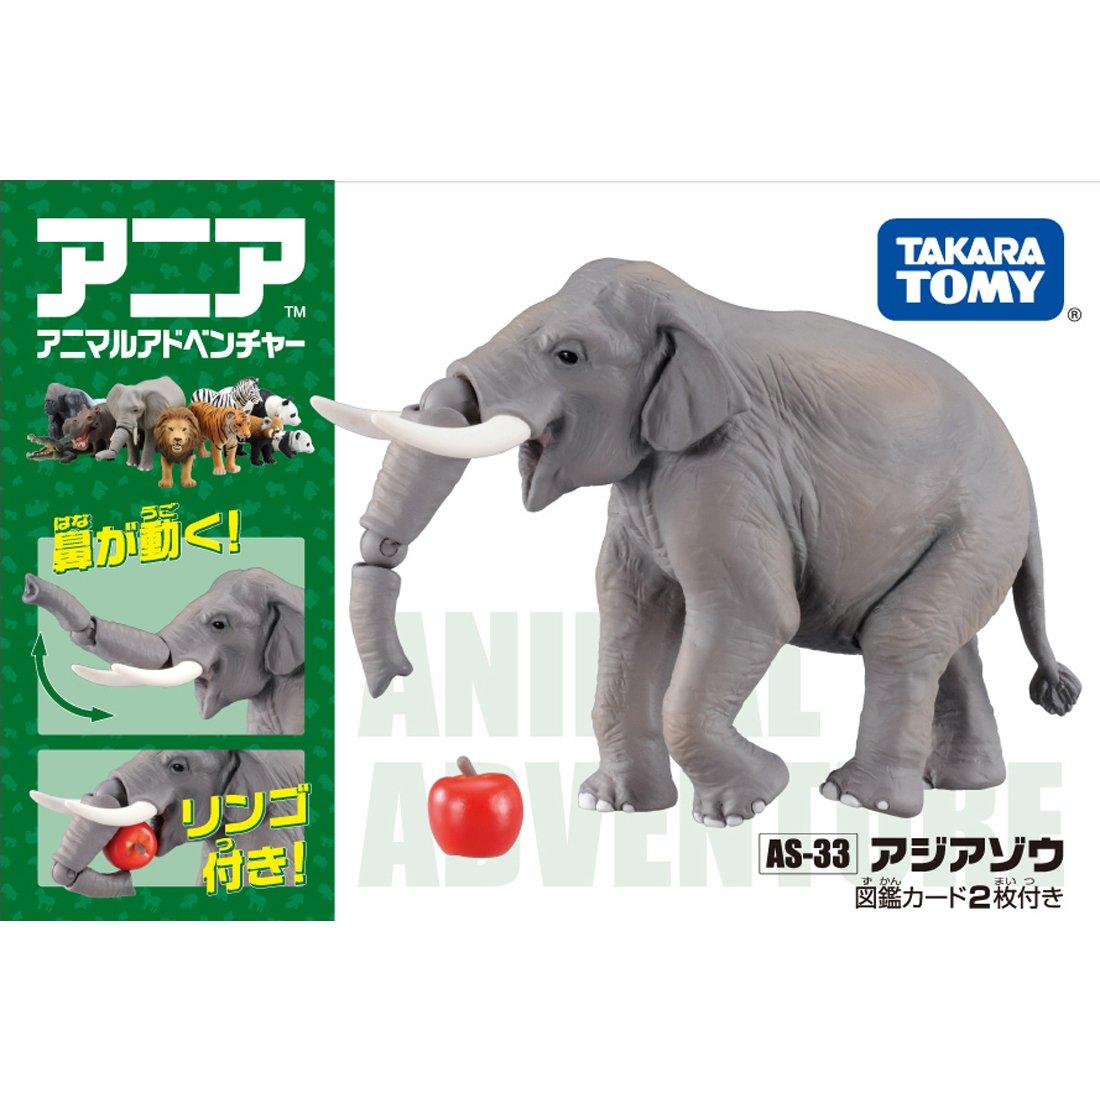 TOMY 動物模型 AS-33 印度象